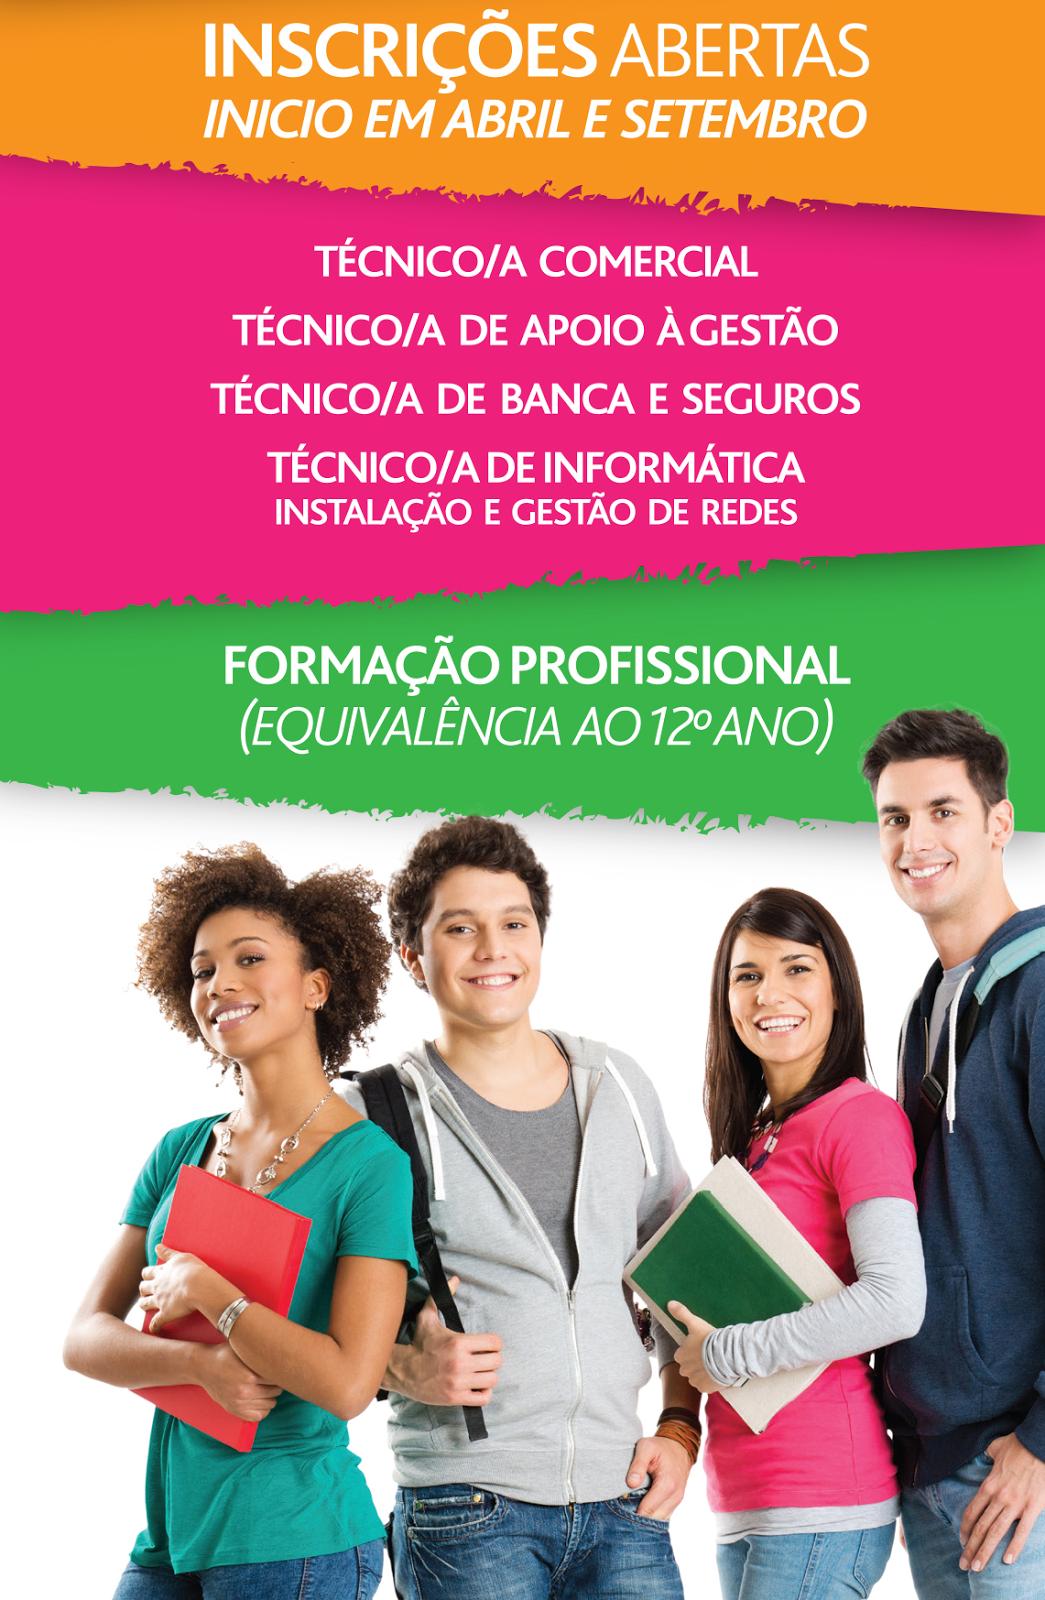 Cursos de Aprendizagem Nível 4 em Lisboa